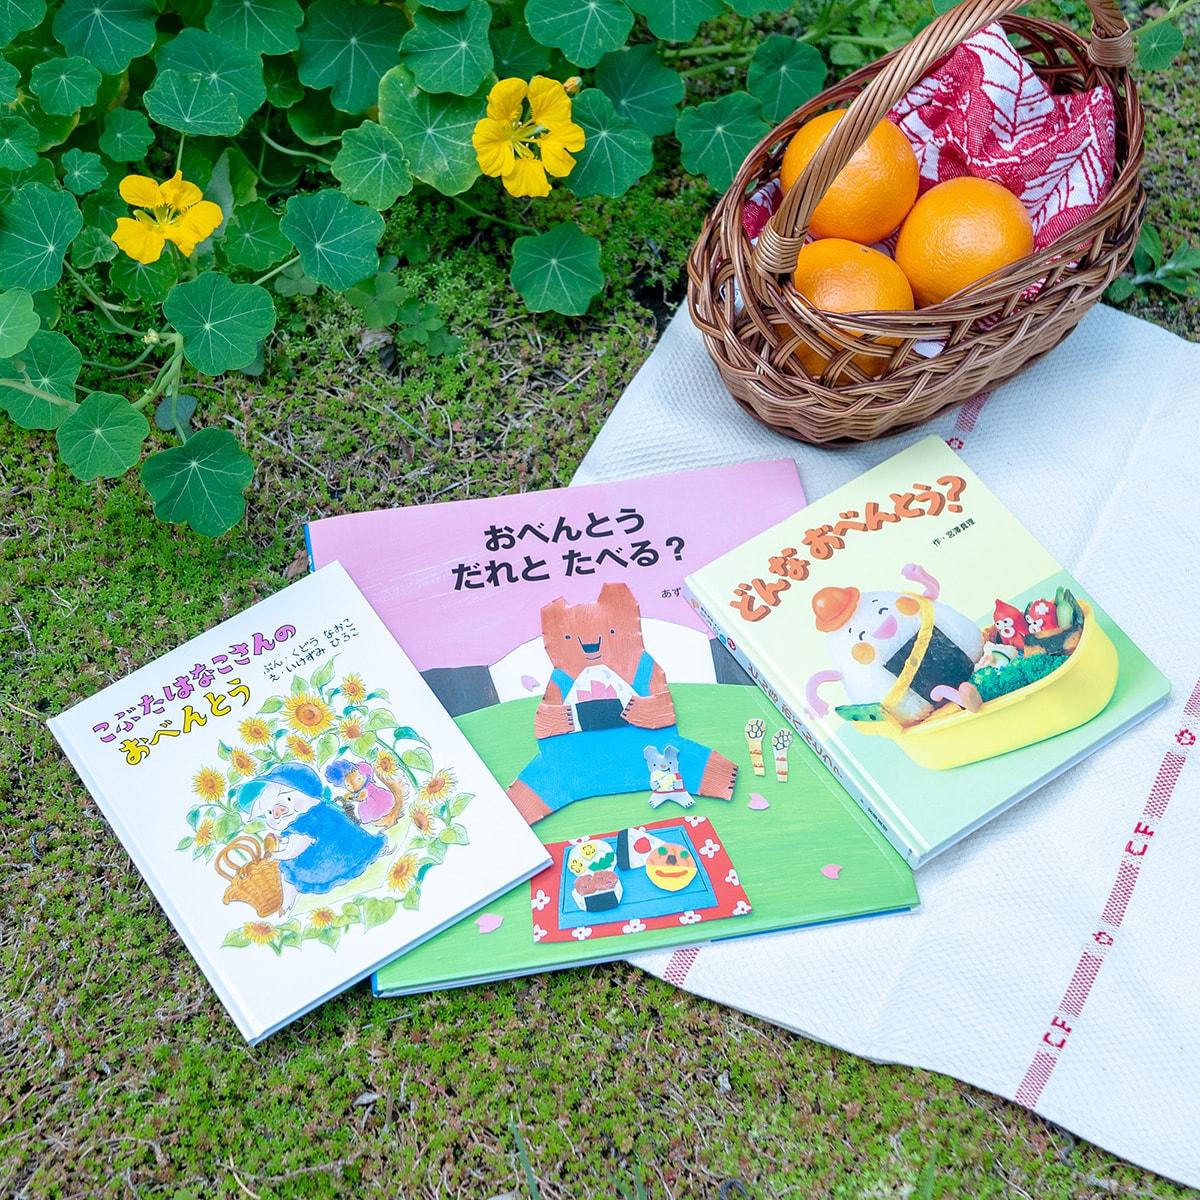 おにぎり、サンドイッチ…おいしいものがたくさん!「おべんとう」絵本【1歳〜向け】